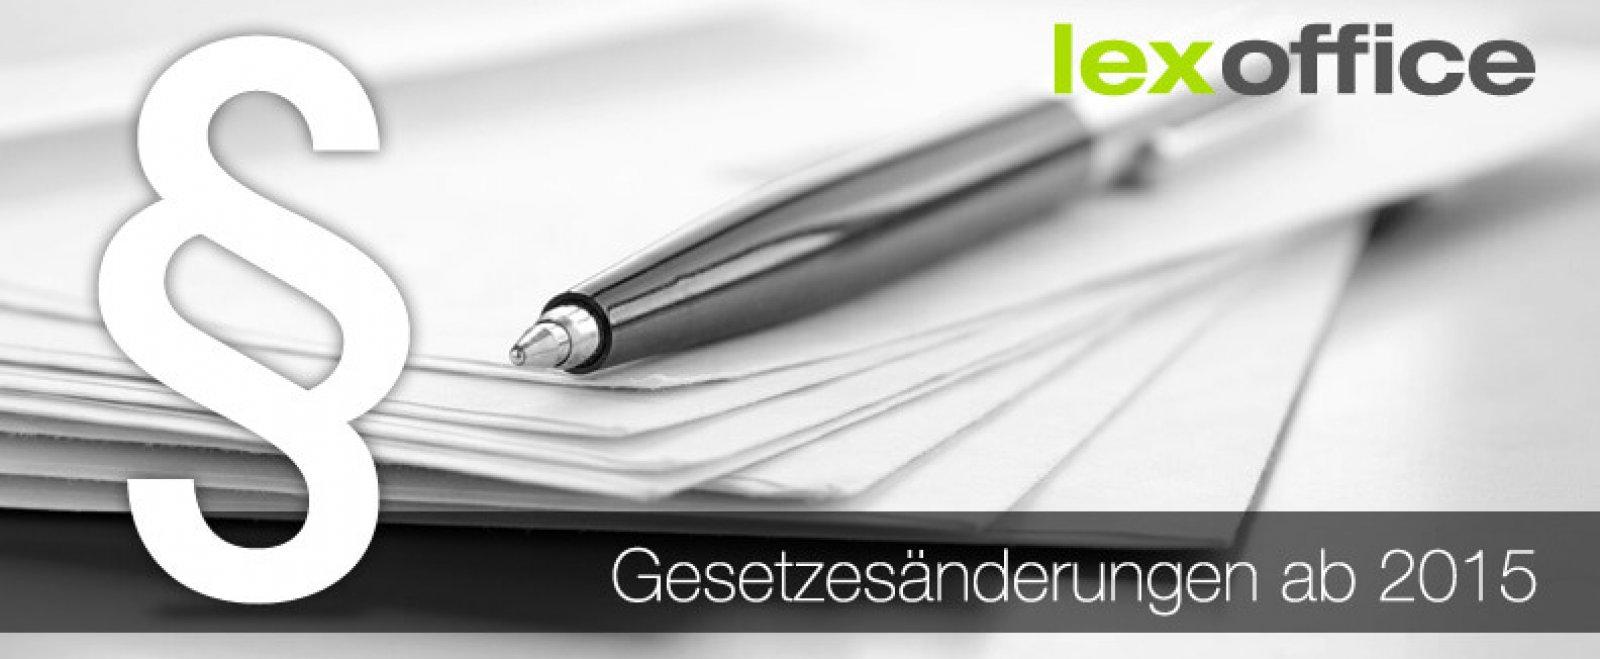 Gesetzesänderungen ab 2015